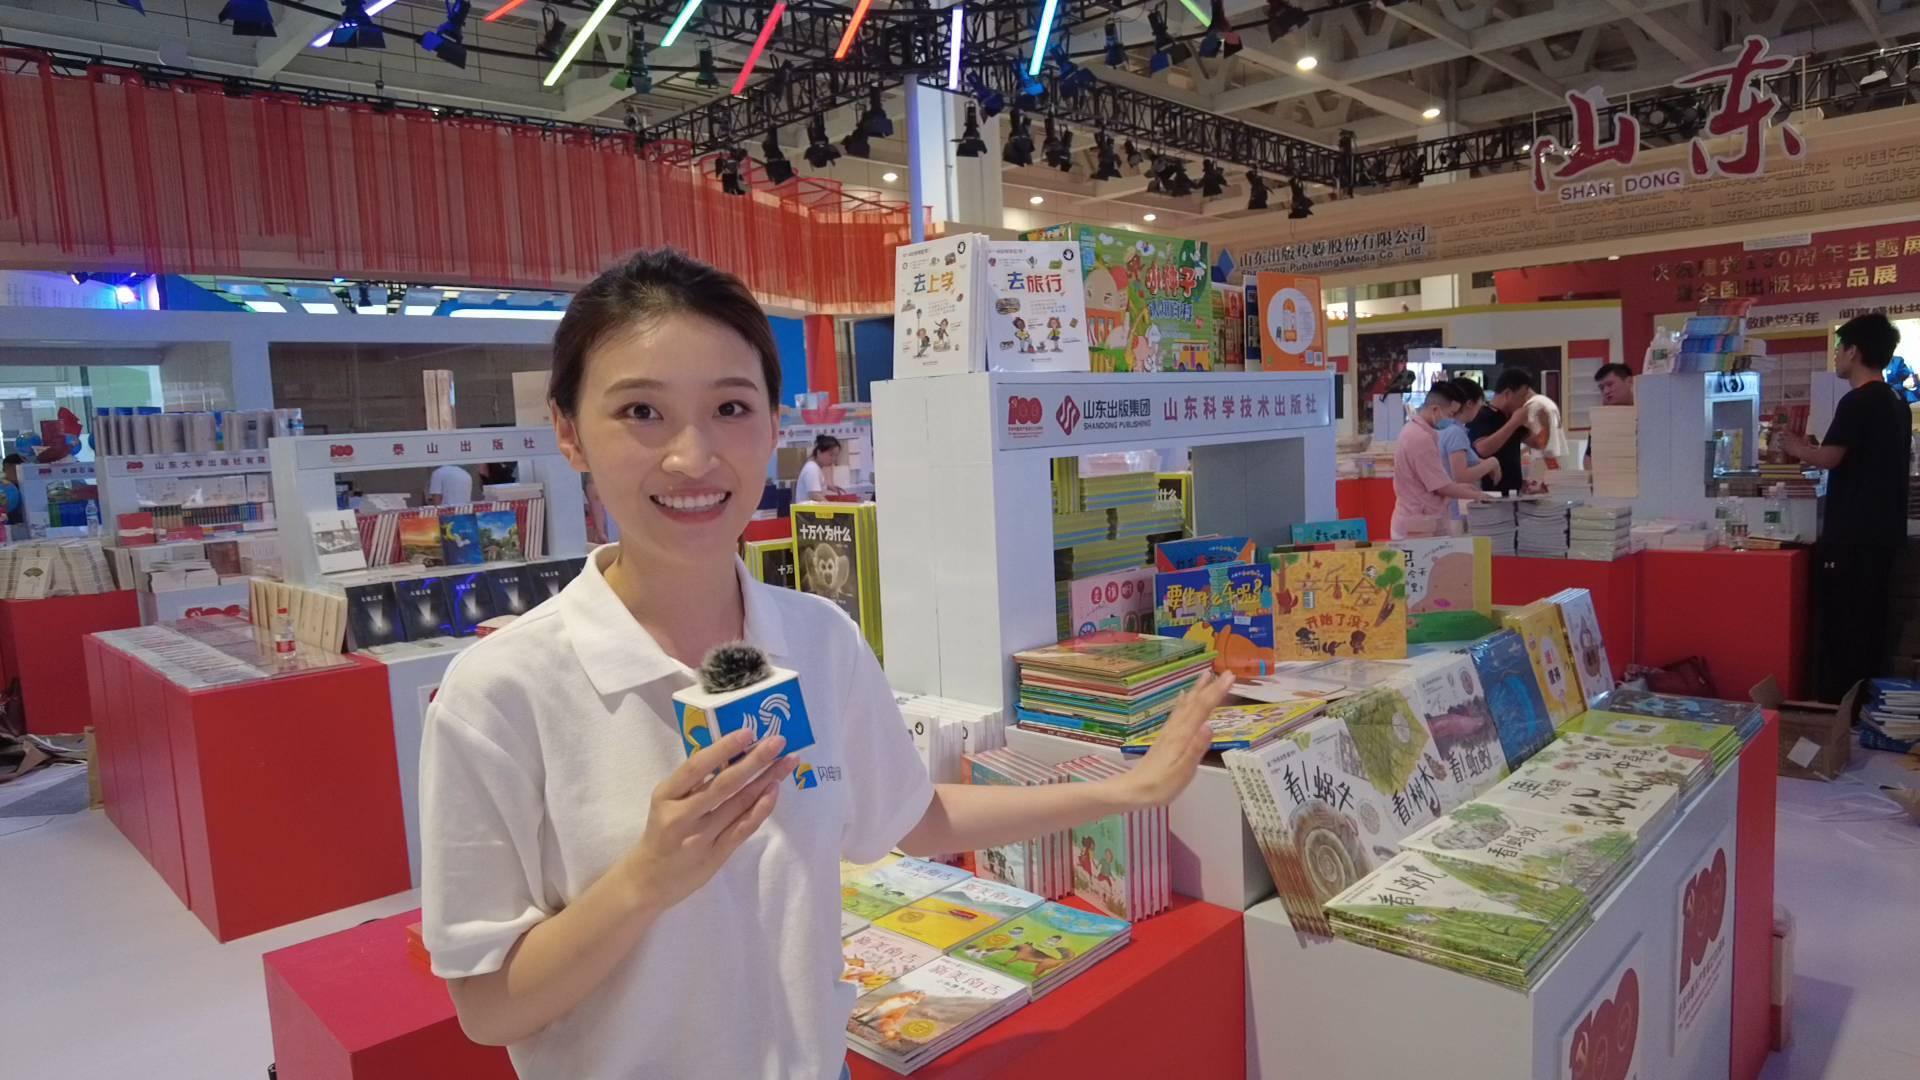 """记者探班第30届书博会:8个展馆40万种展品,来山东国际会展中心""""邂逅""""你爱的图书吧"""